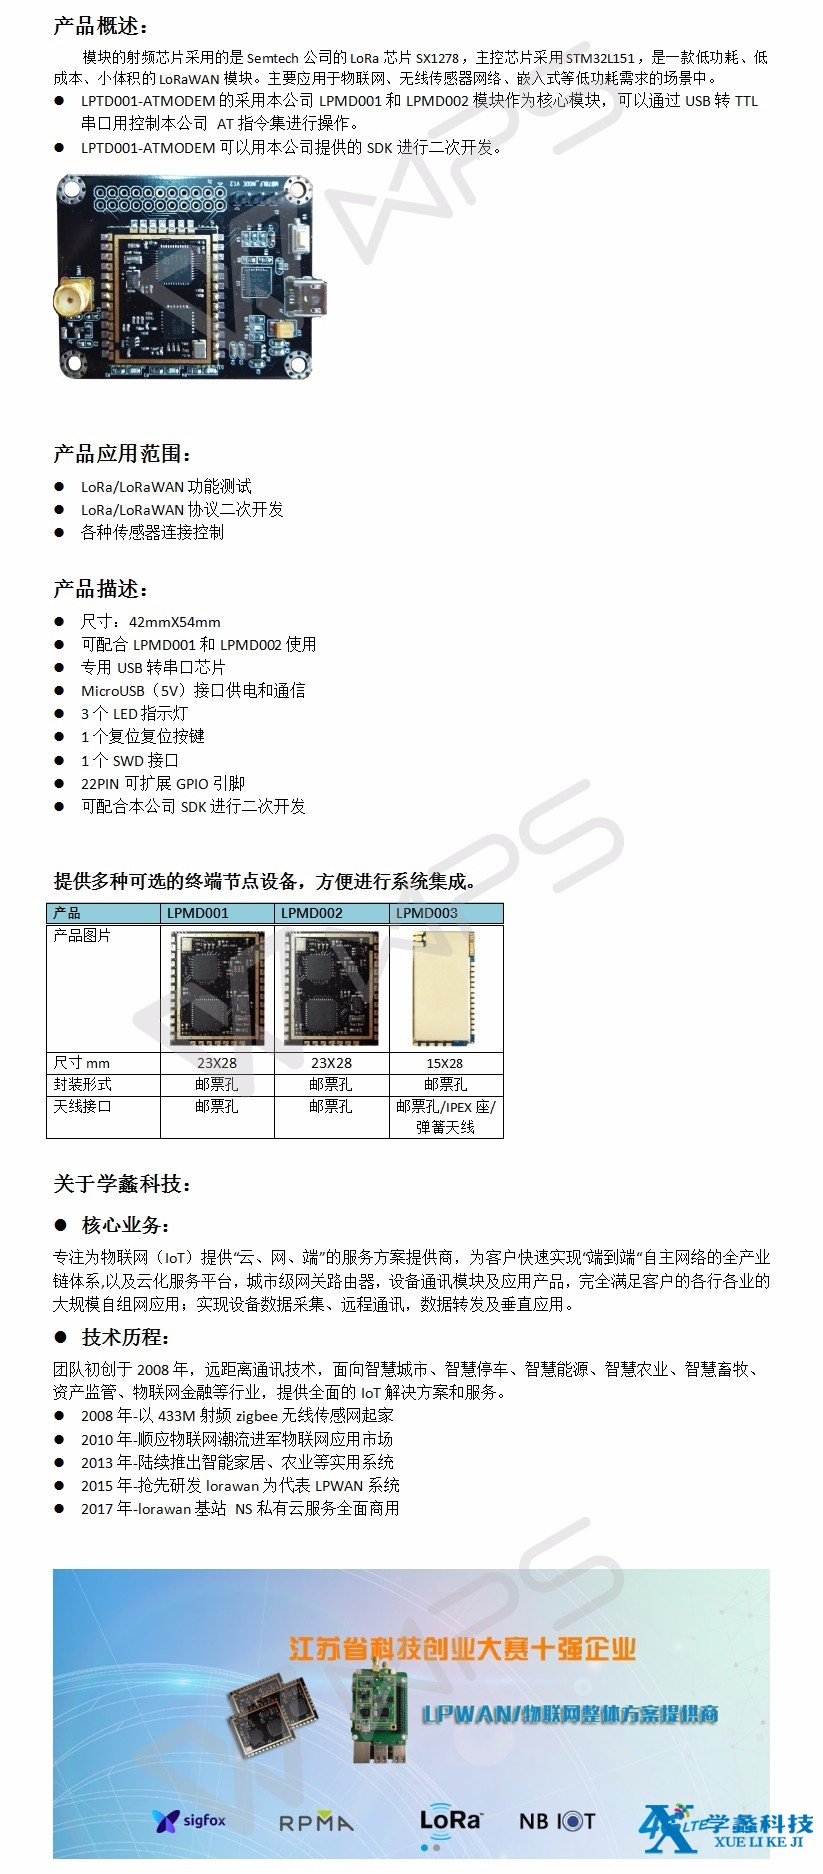 LPTD001-终端设备-ATMODEM-产品简介-V1.00.jpg